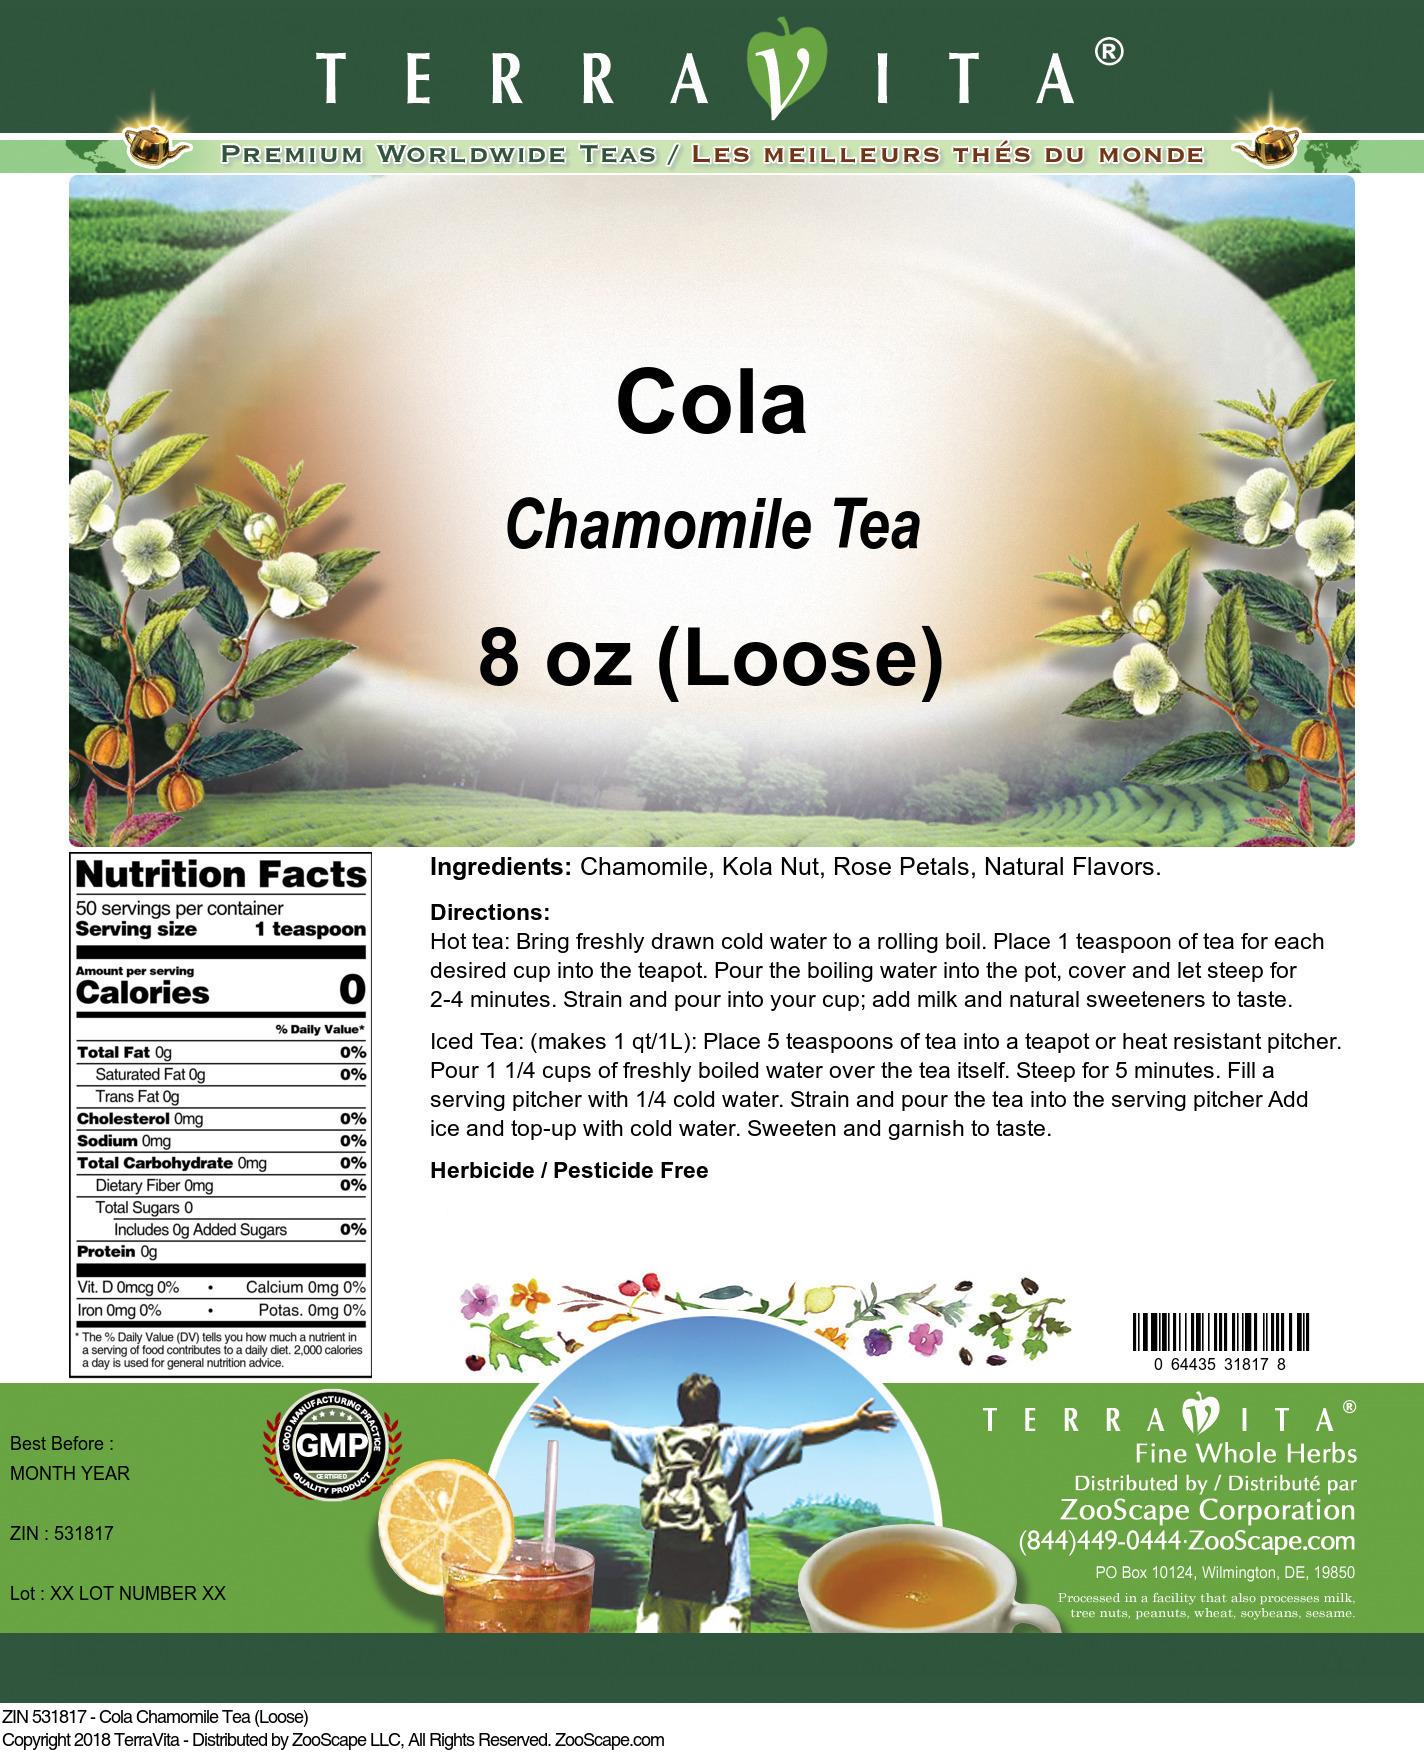 Cola Chamomile Tea (Loose)